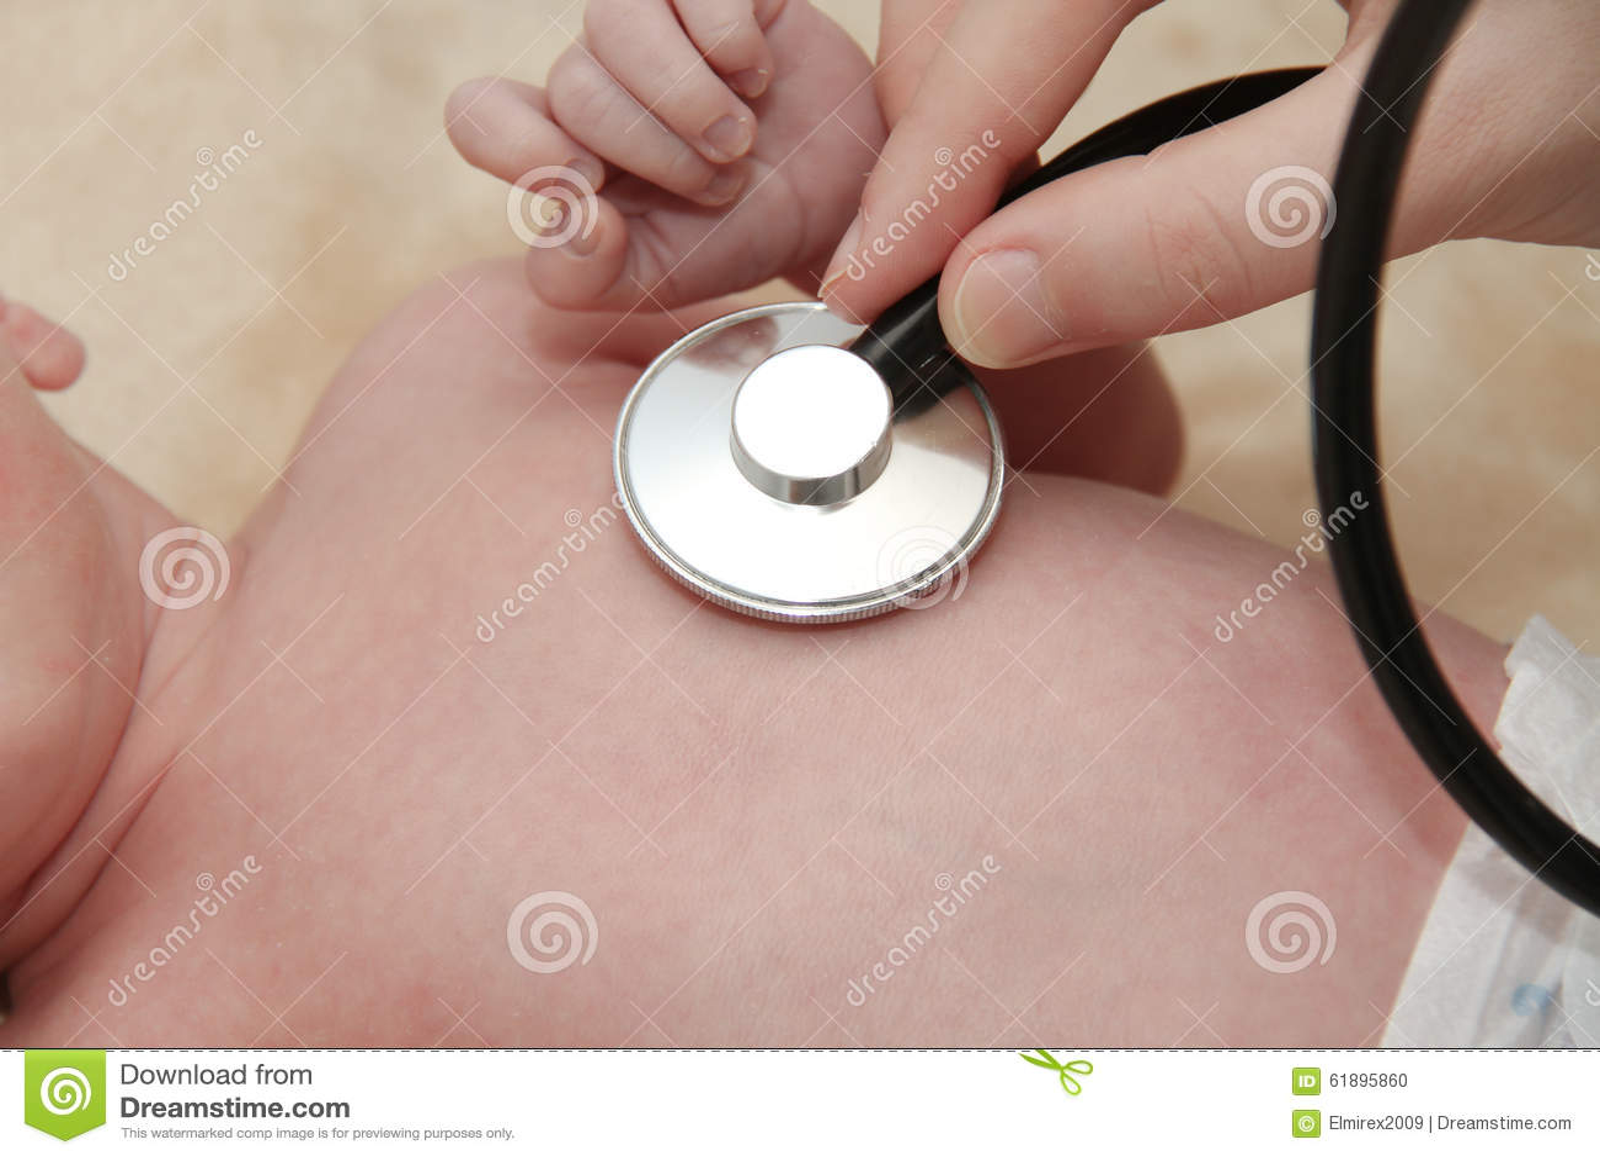 Il bambino maschio ottiene un esame del polmone da un infermiere con lo stetoscopio